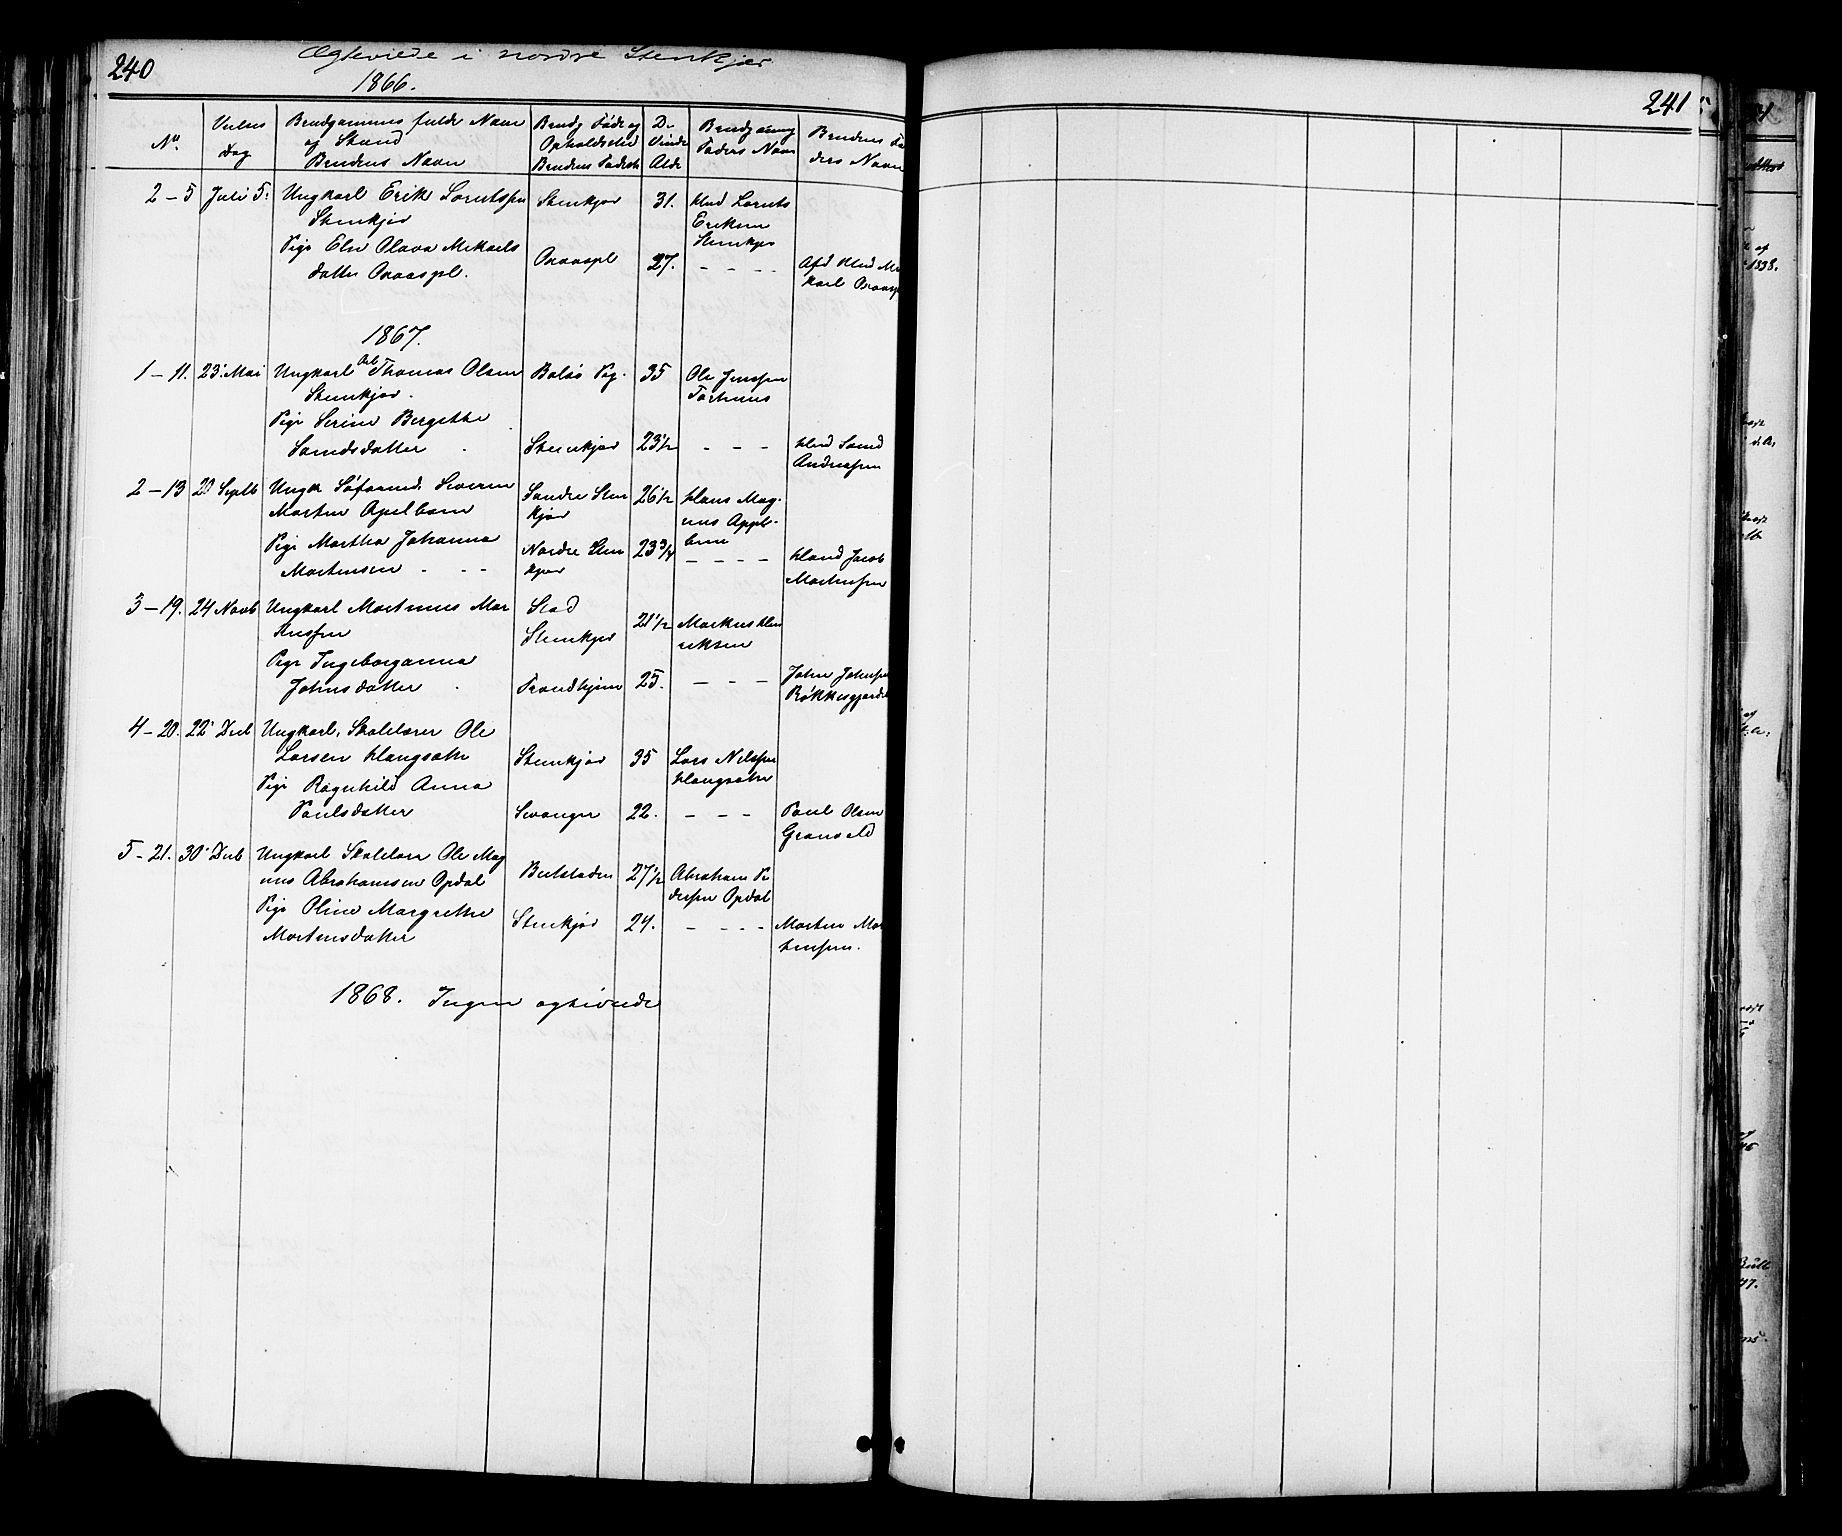 SAT, Ministerialprotokoller, klokkerbøker og fødselsregistre - Nord-Trøndelag, 739/L0367: Ministerialbok nr. 739A01 /2, 1838-1868, s. 240-241